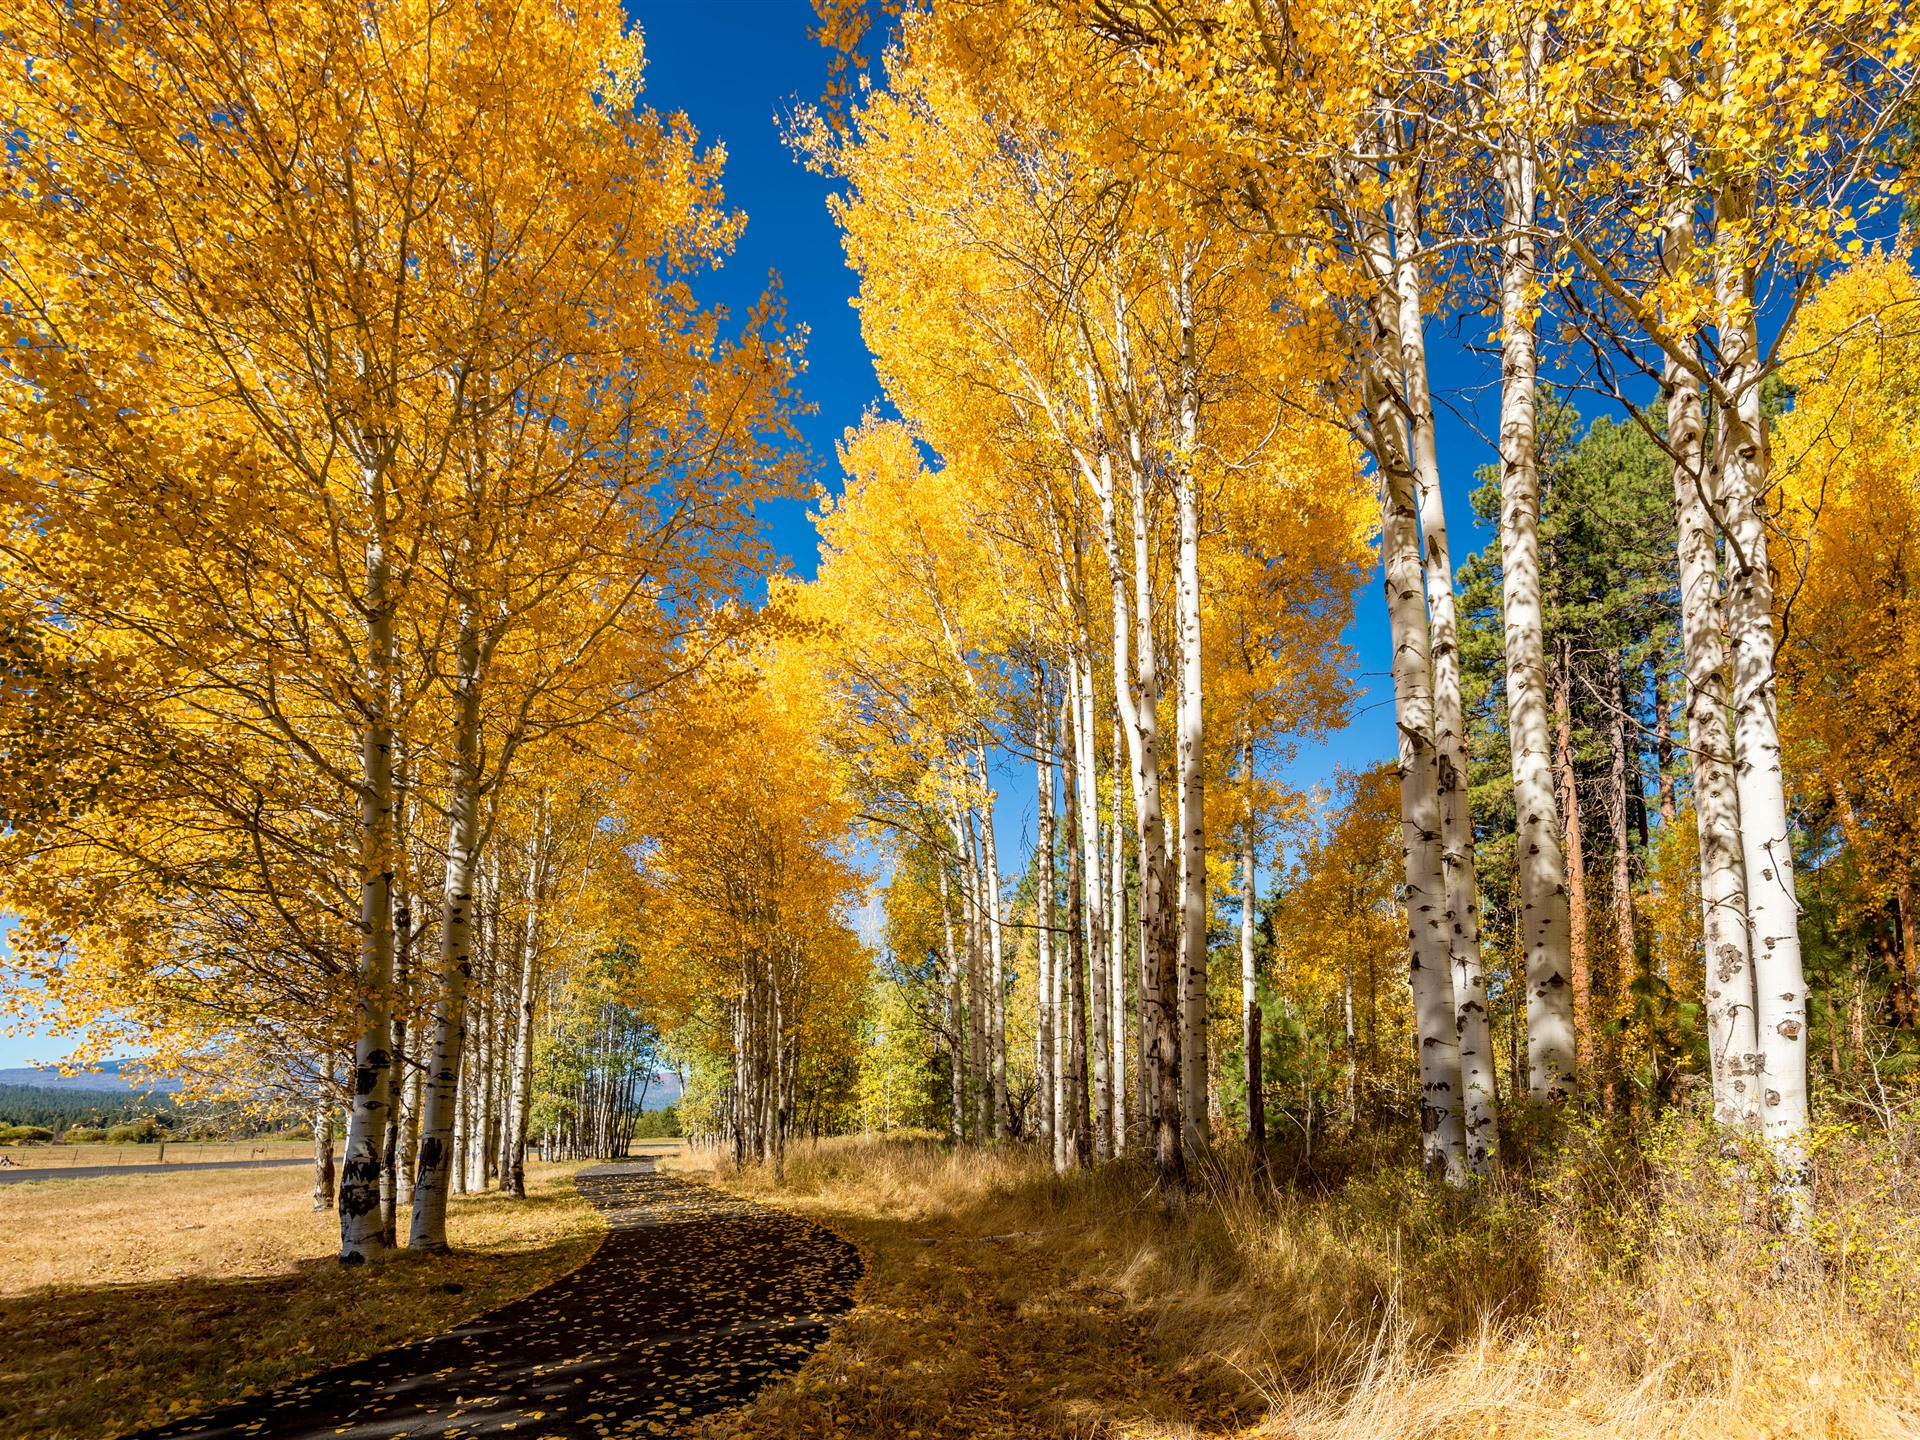 надежно показать картинки осень золотая шаттере итог